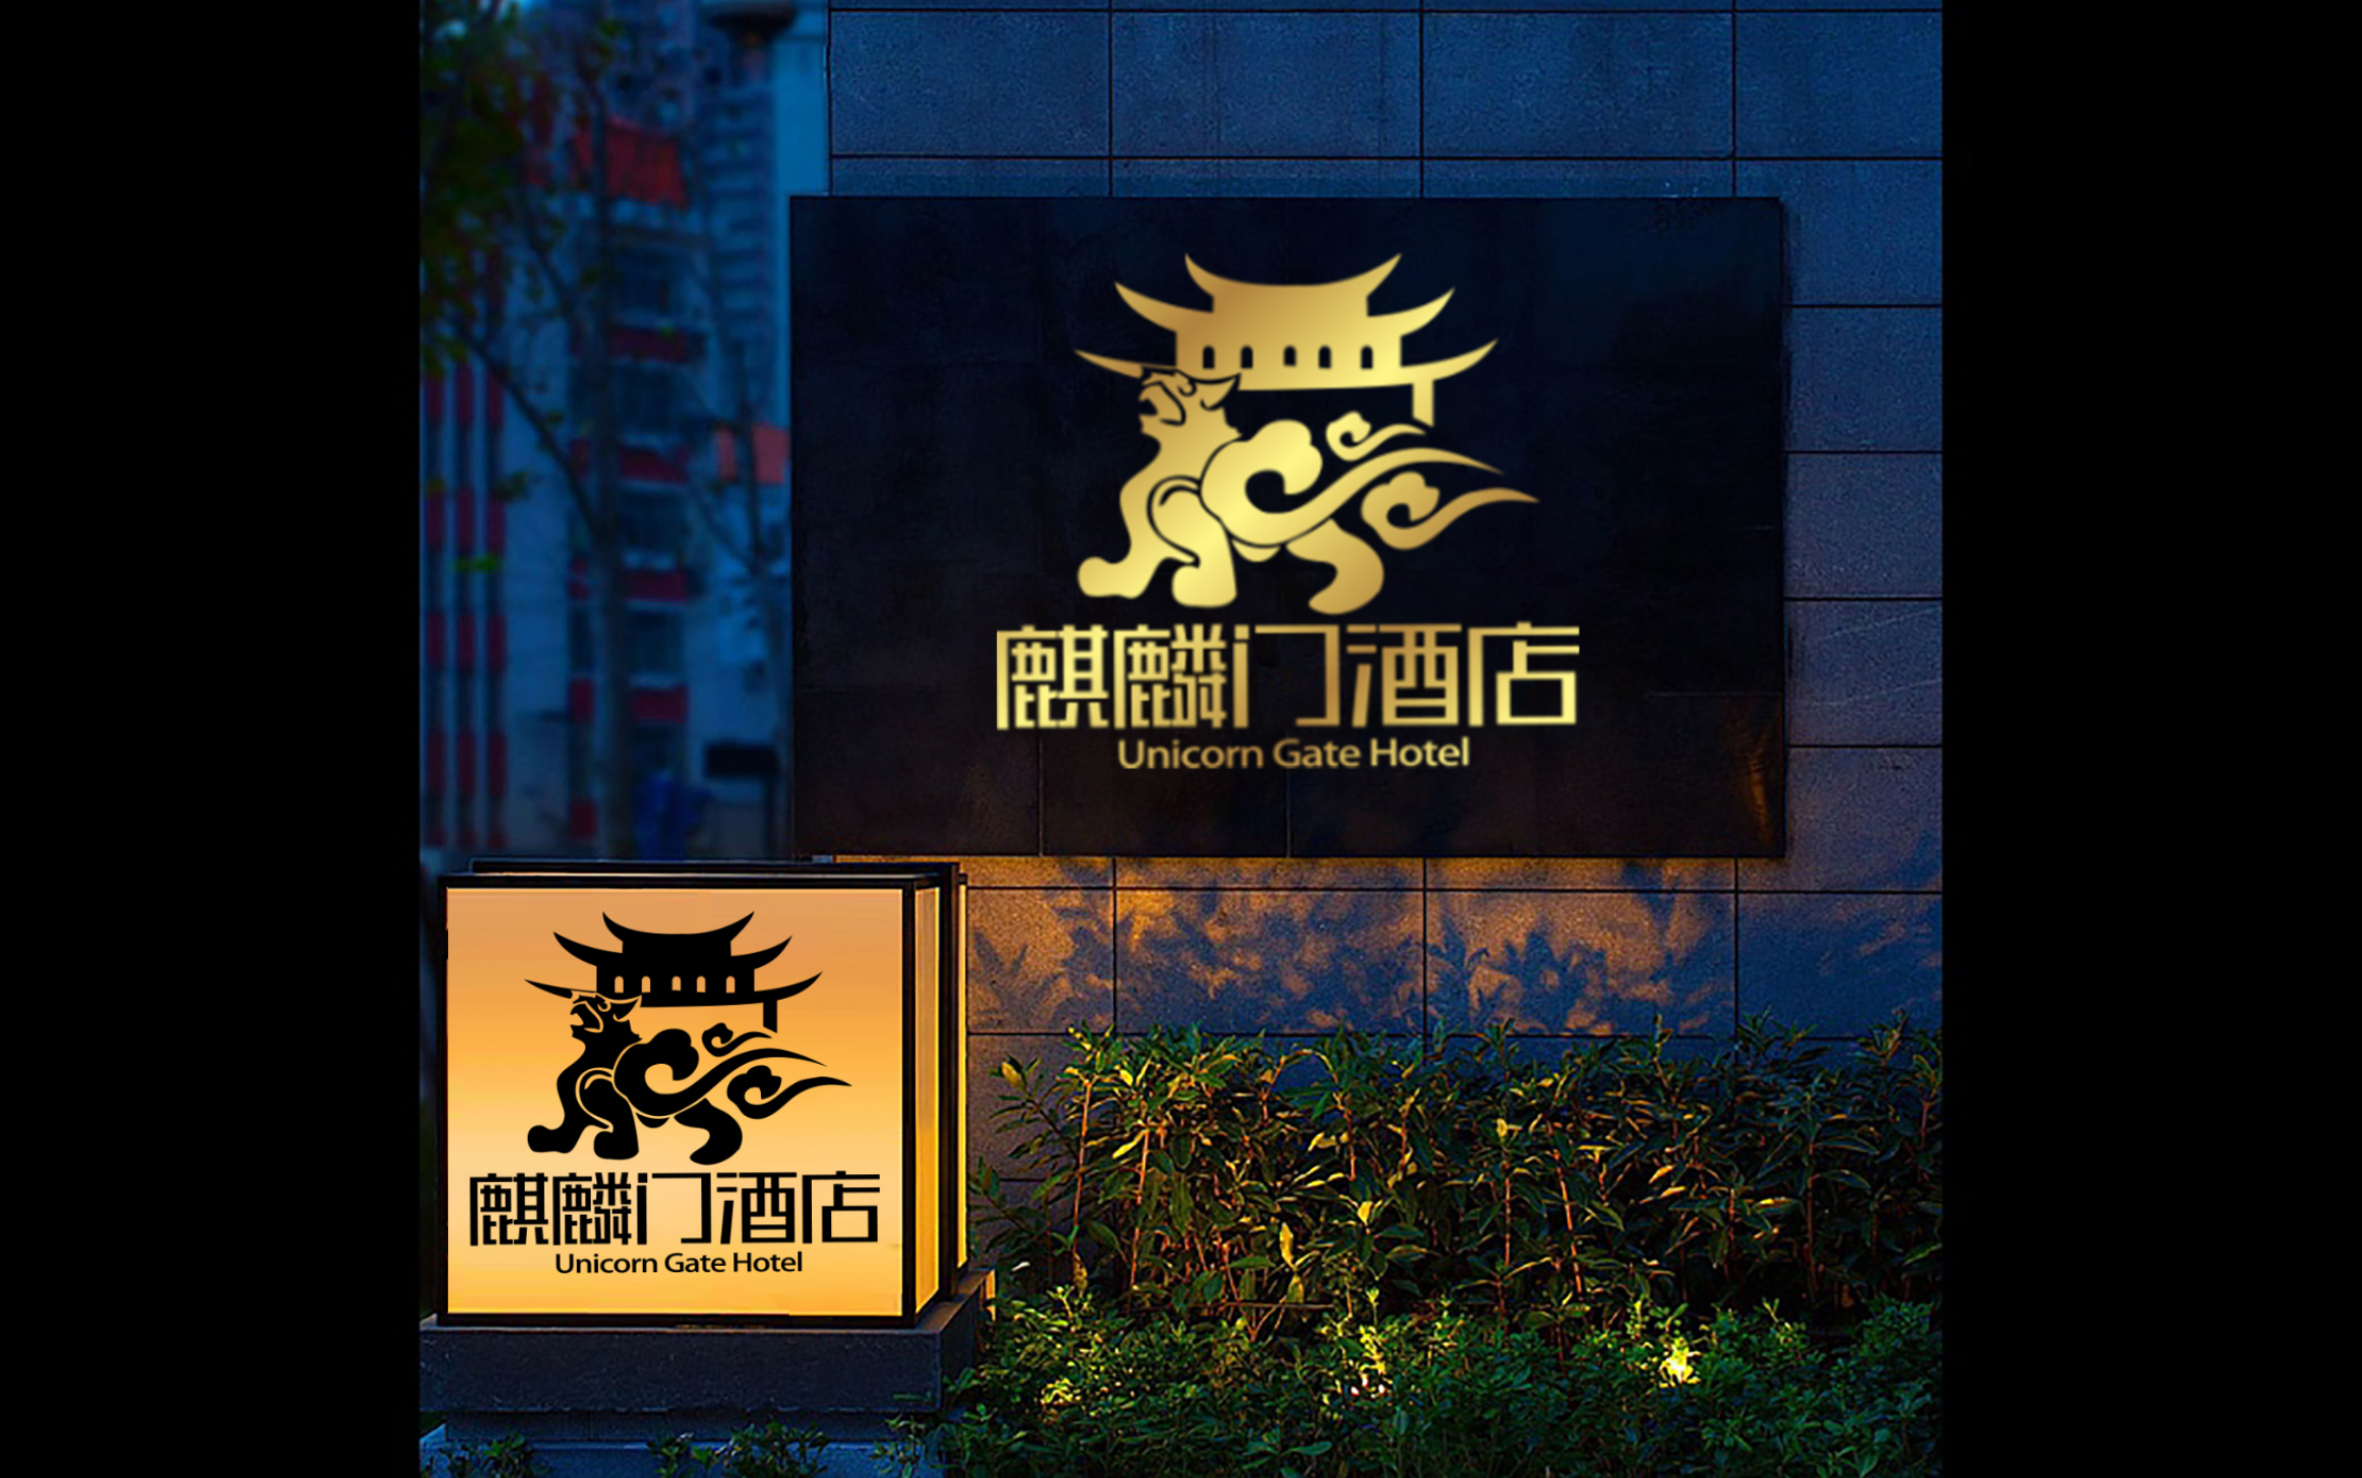 平面标志设计旅游酒店烟酒行业科研服务物业租赁物流logo